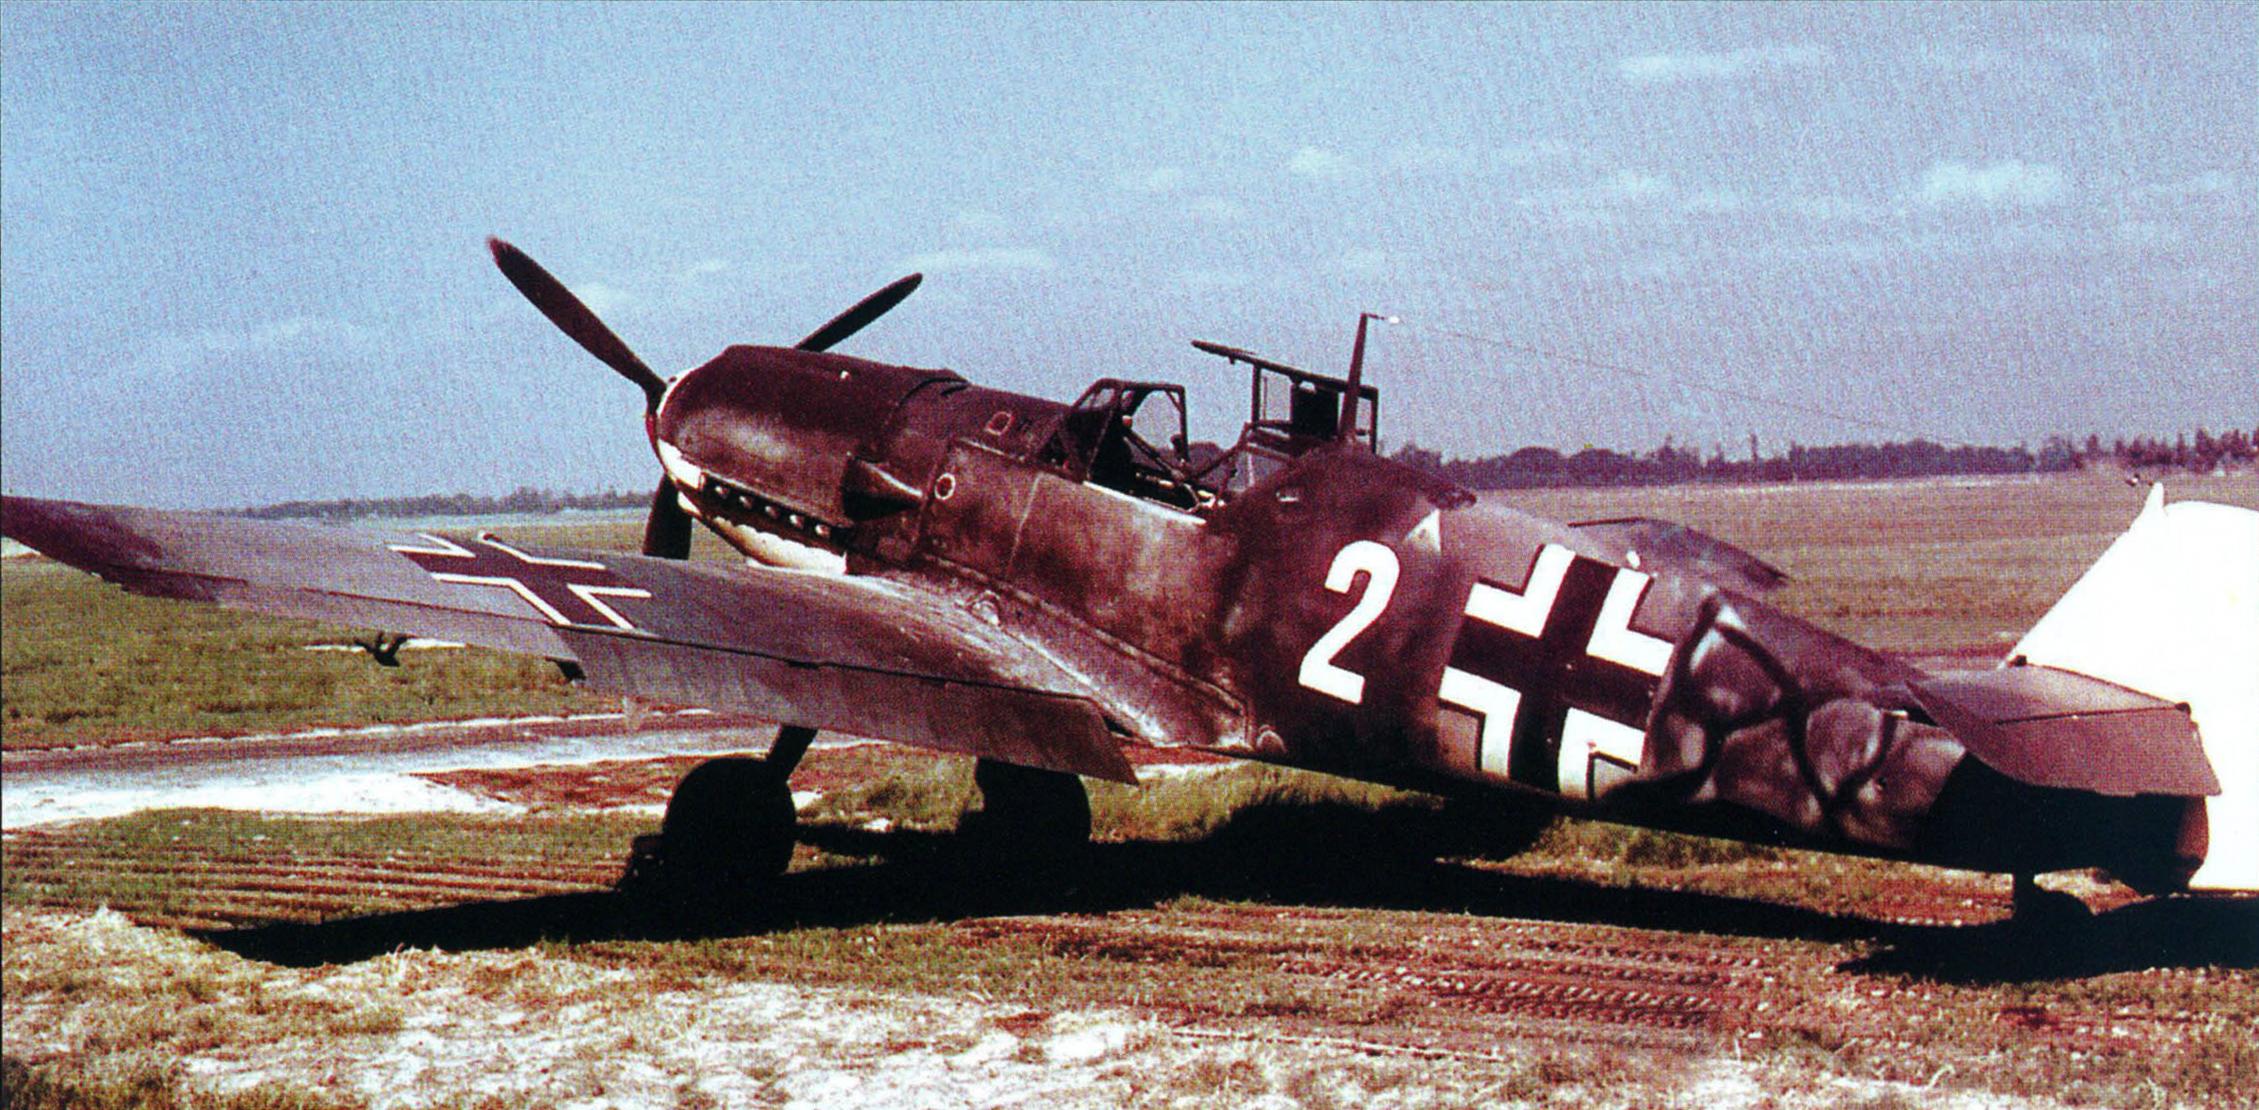 Bf 109E White 2 of unknown unit Gratz Apr 1941